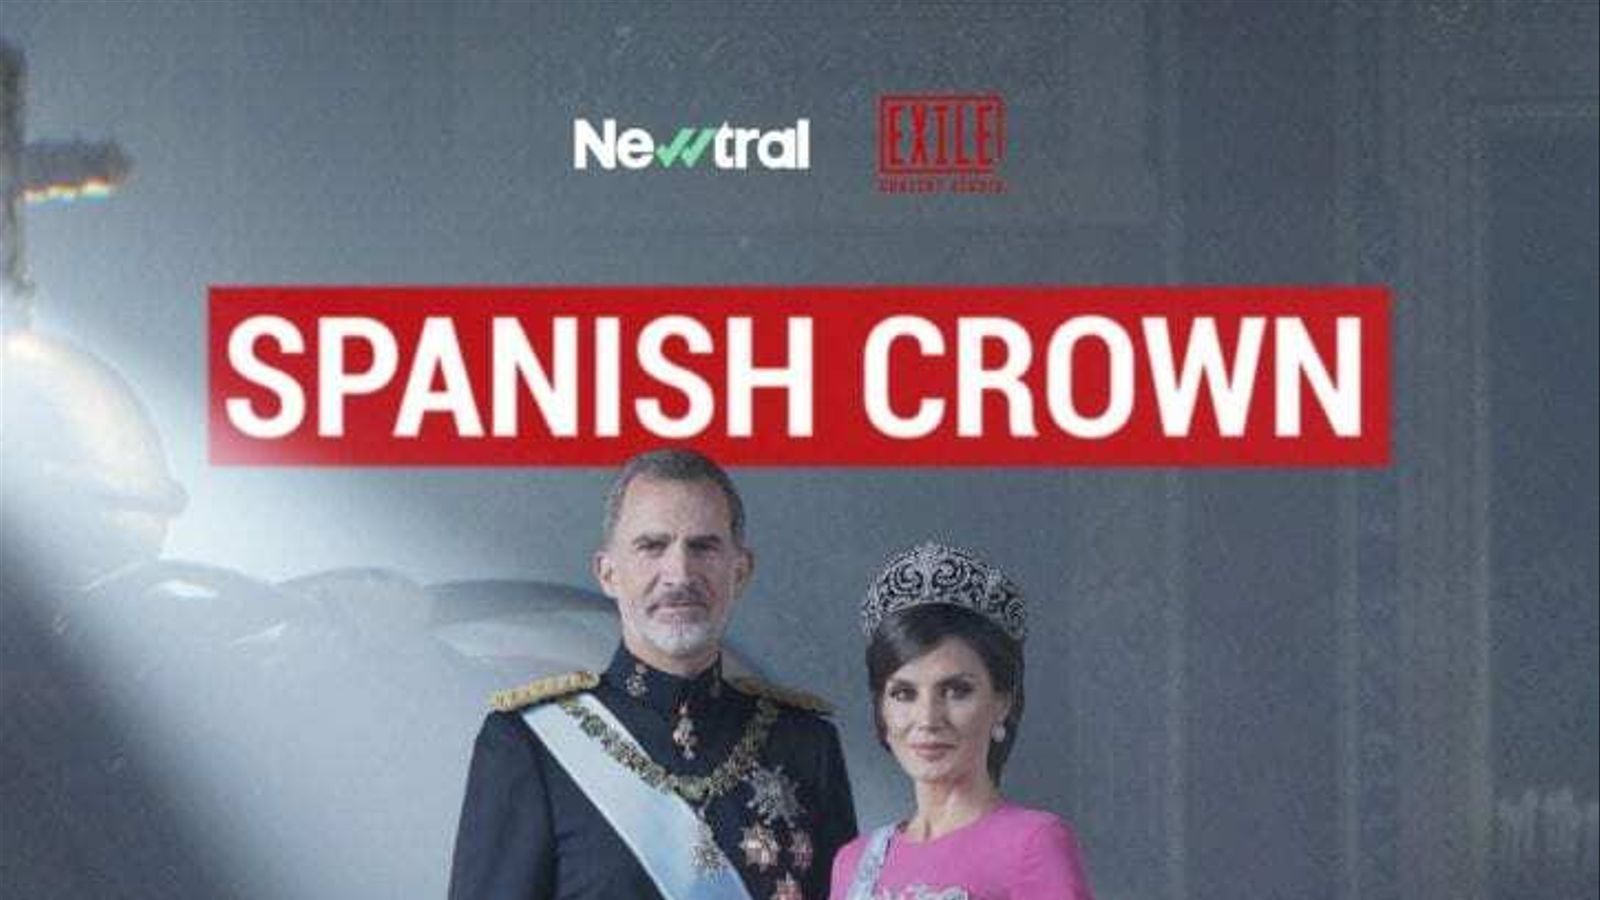 Cartell promocional de la sèrie, que en la versió internacional es titularà 'Spanish crown'